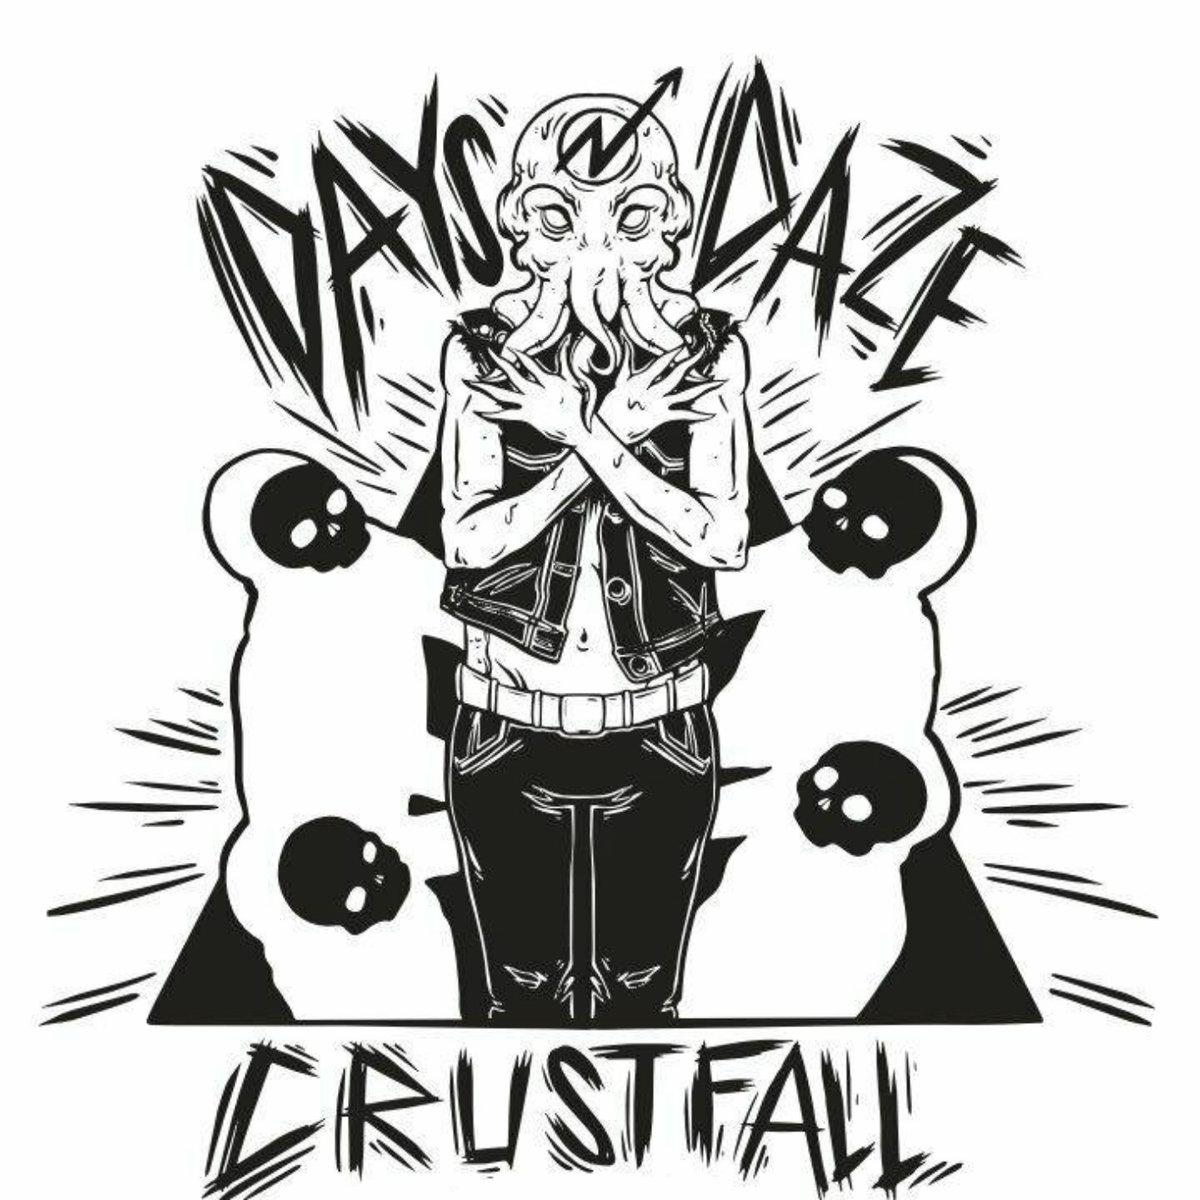 Days N' Daze - Crustfall